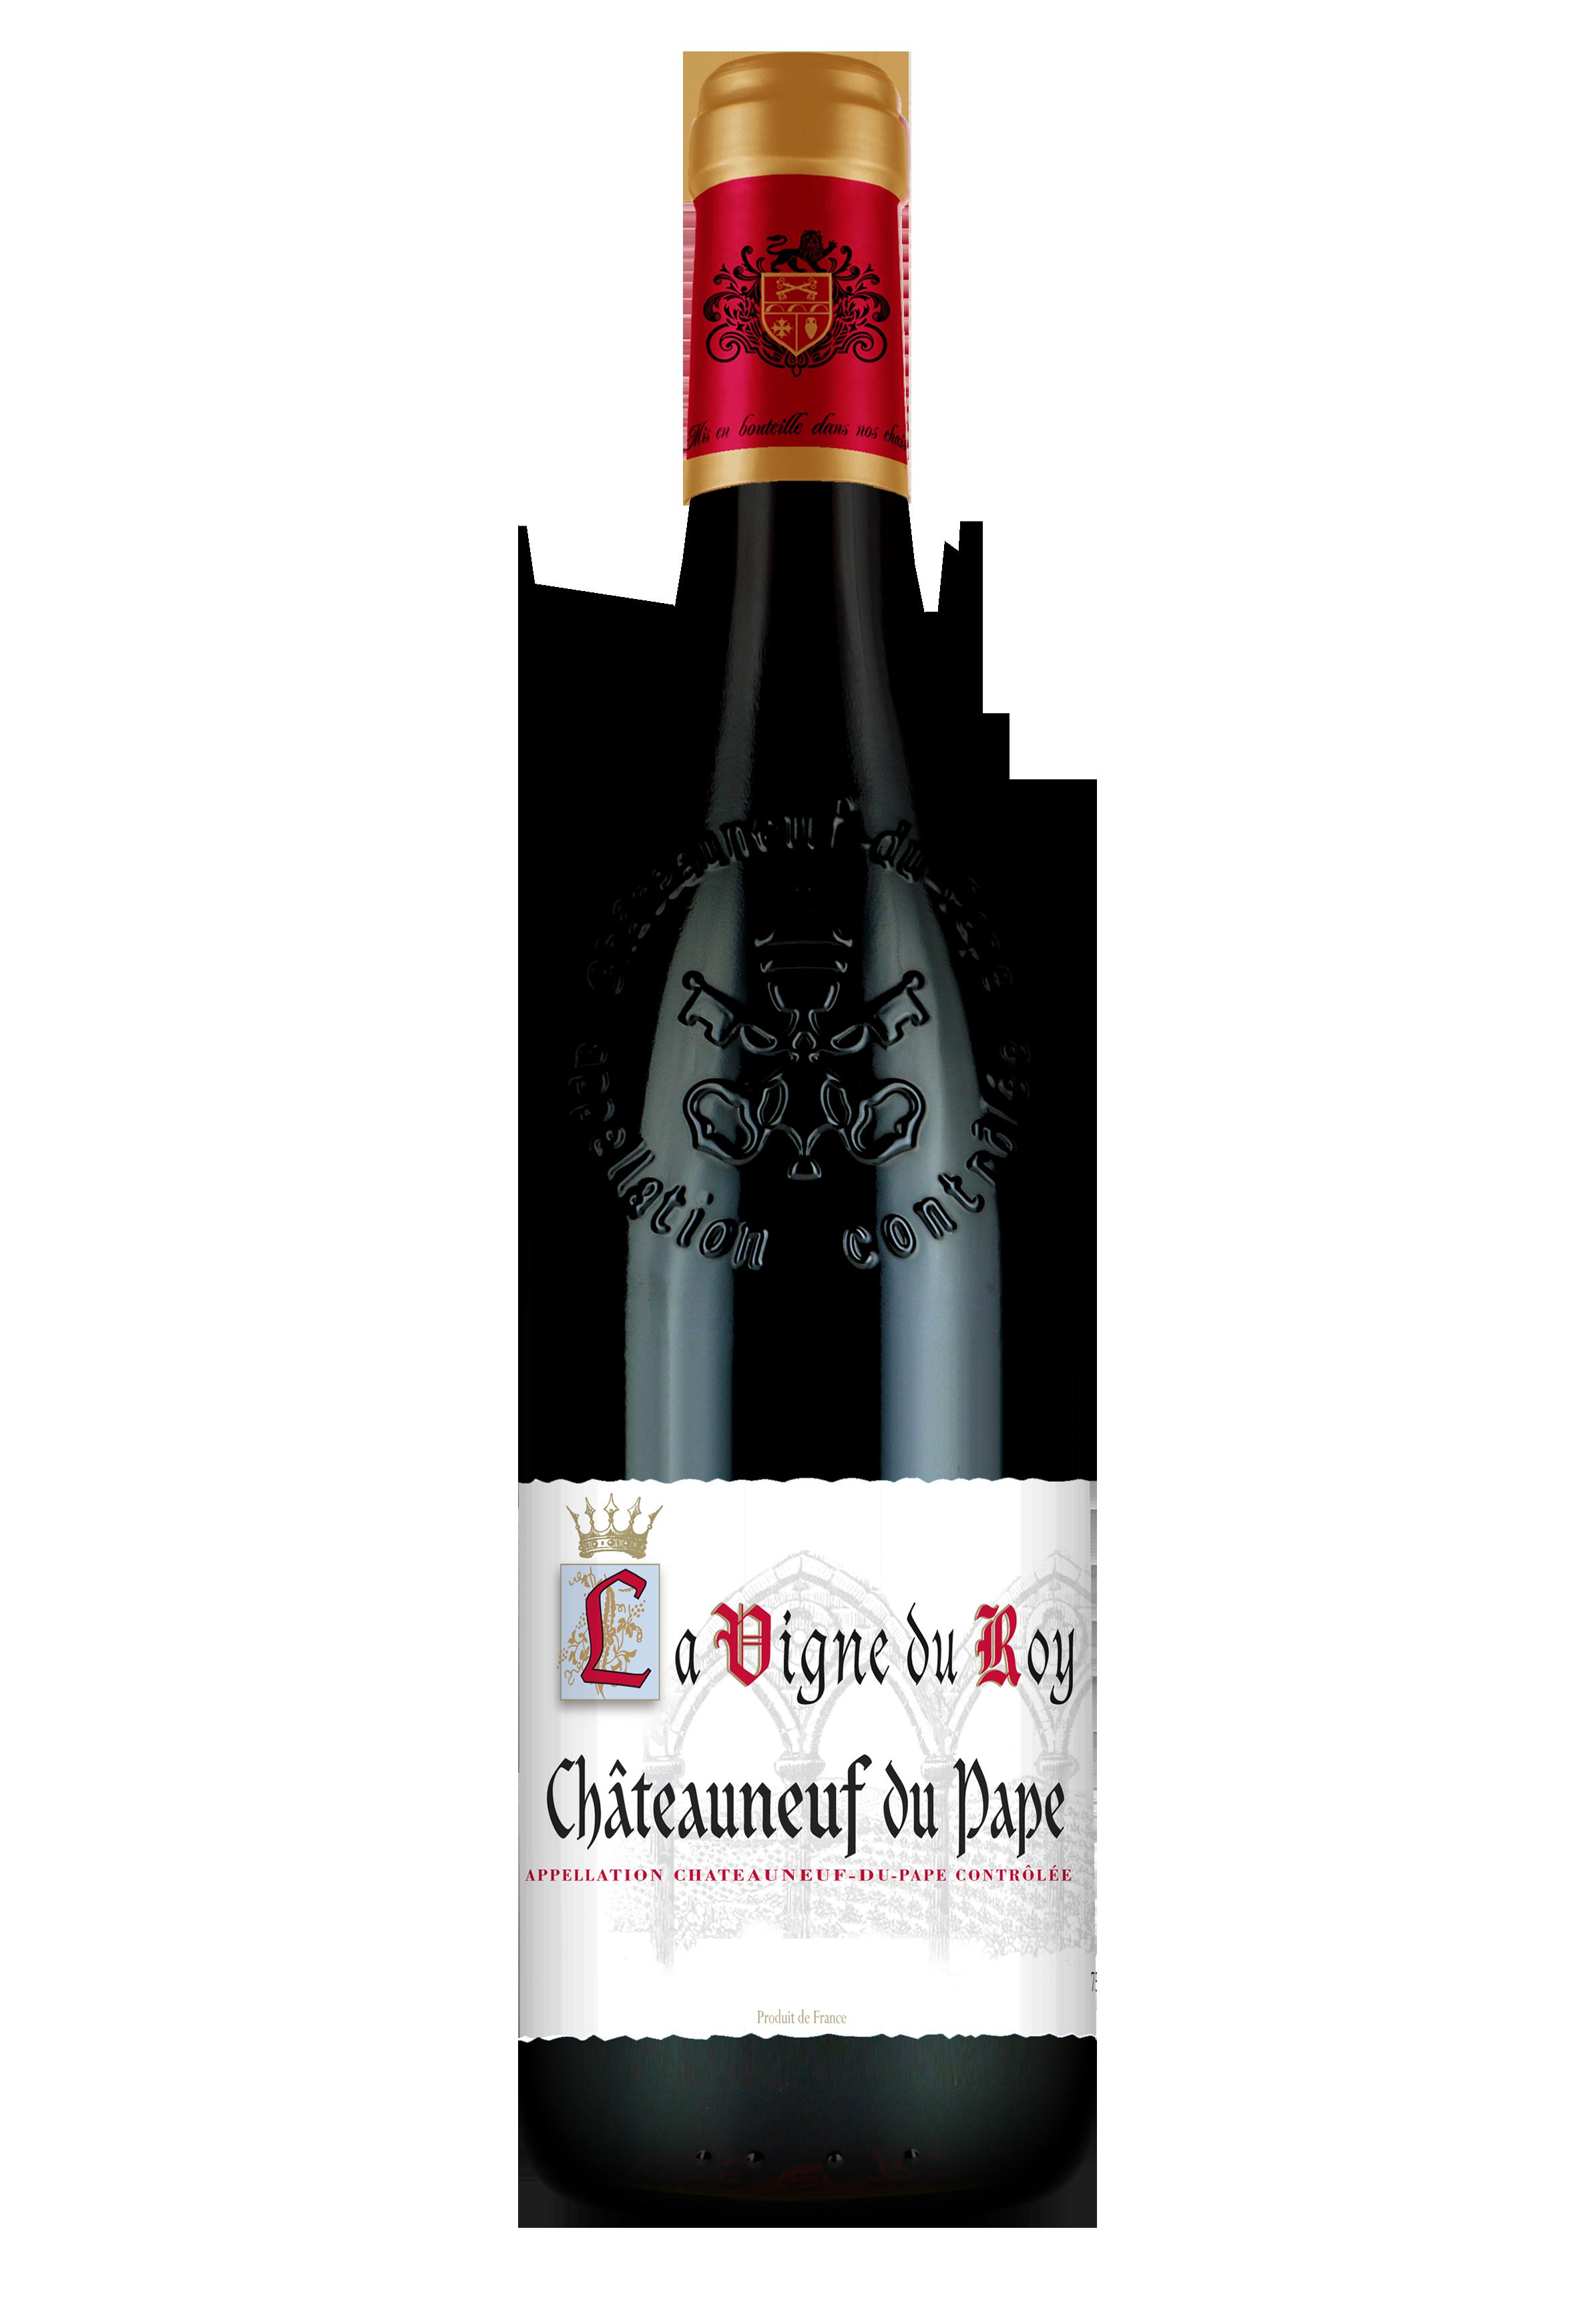 La Vigne du Roy Châteauneuf du Pape